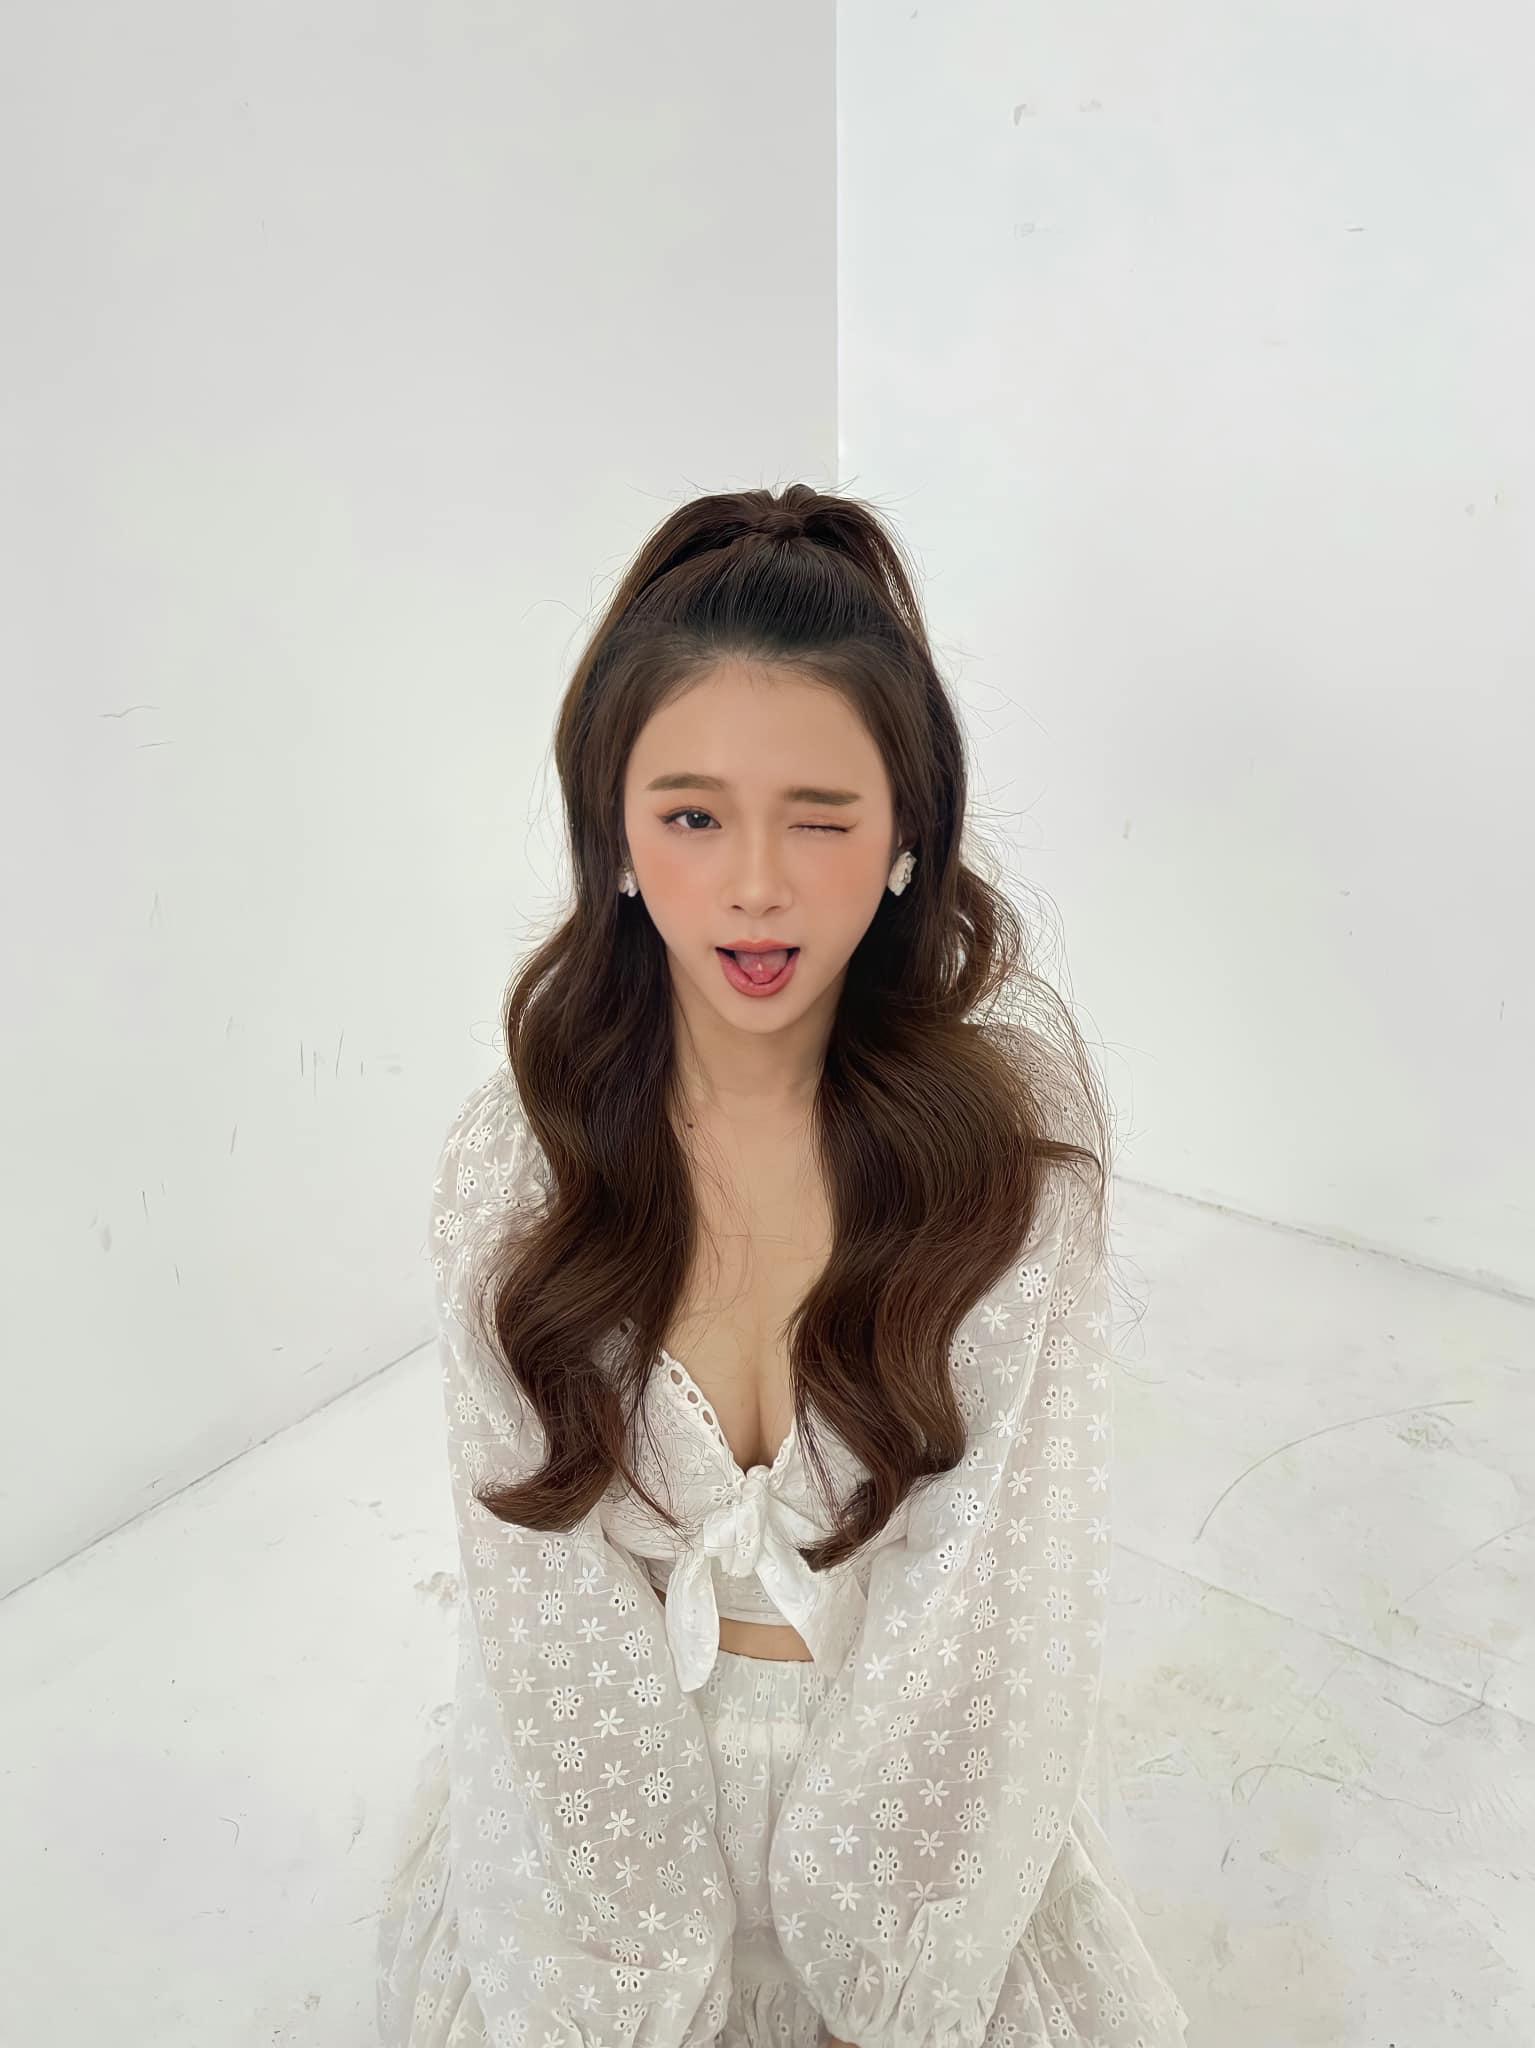 """Ở tuổi 19, hot girl Linh Ka ngày càng gợi cảm """"hút mắt"""" người hâm mộ - Ảnh 2."""